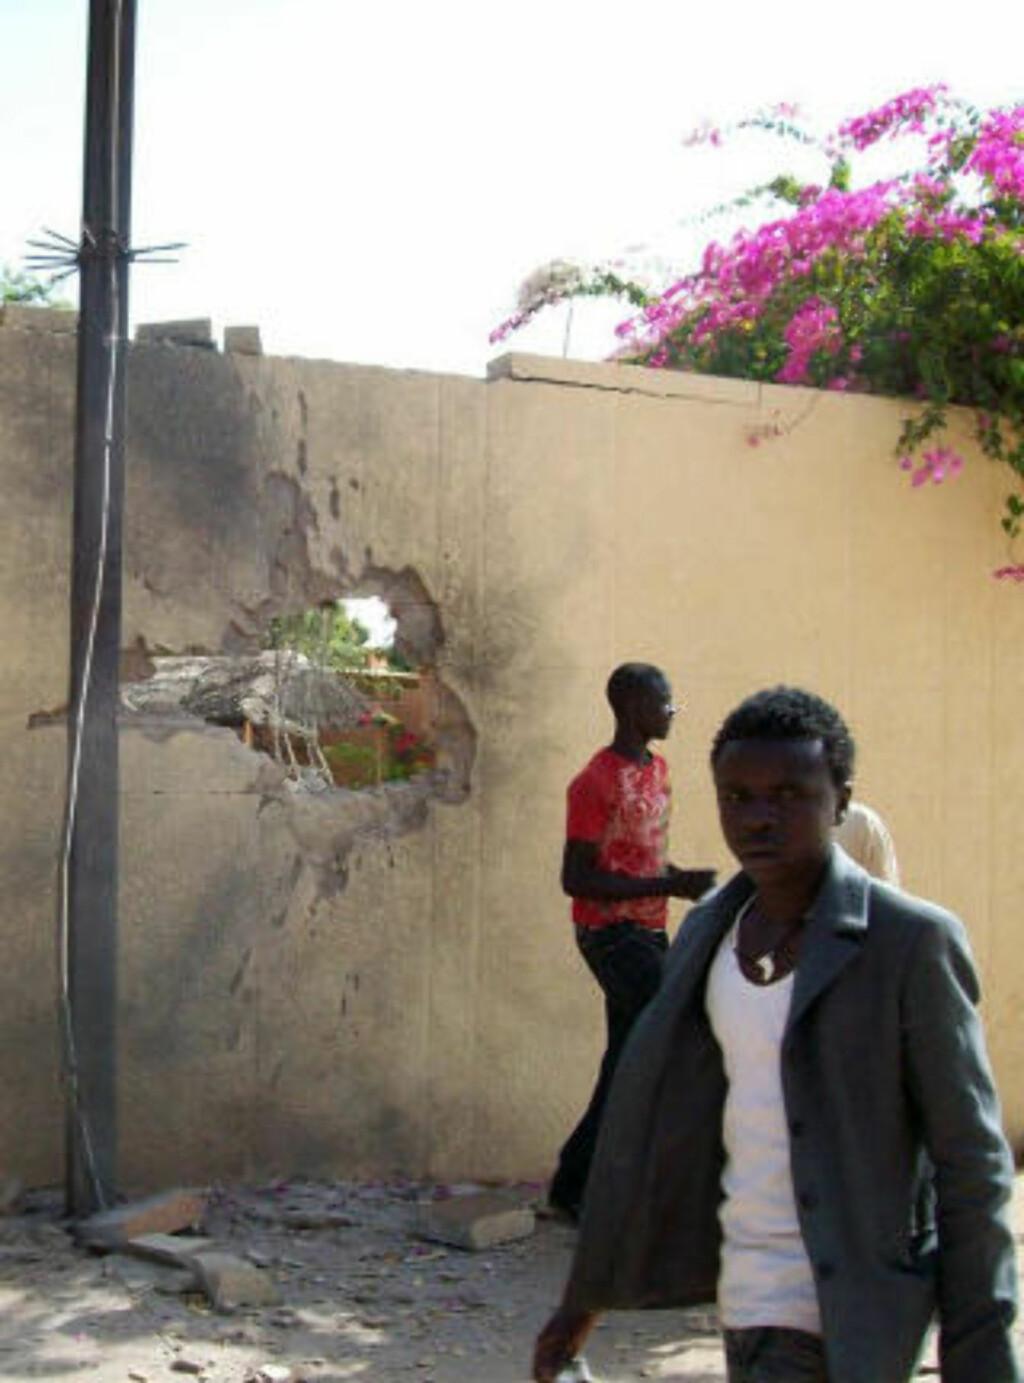 EKSPLOSJONER: Innbyggere i hovedstaden Niamey konstaterer ødeleggelsene etter kuppet. Foto: AFP/ Boureima HAMA